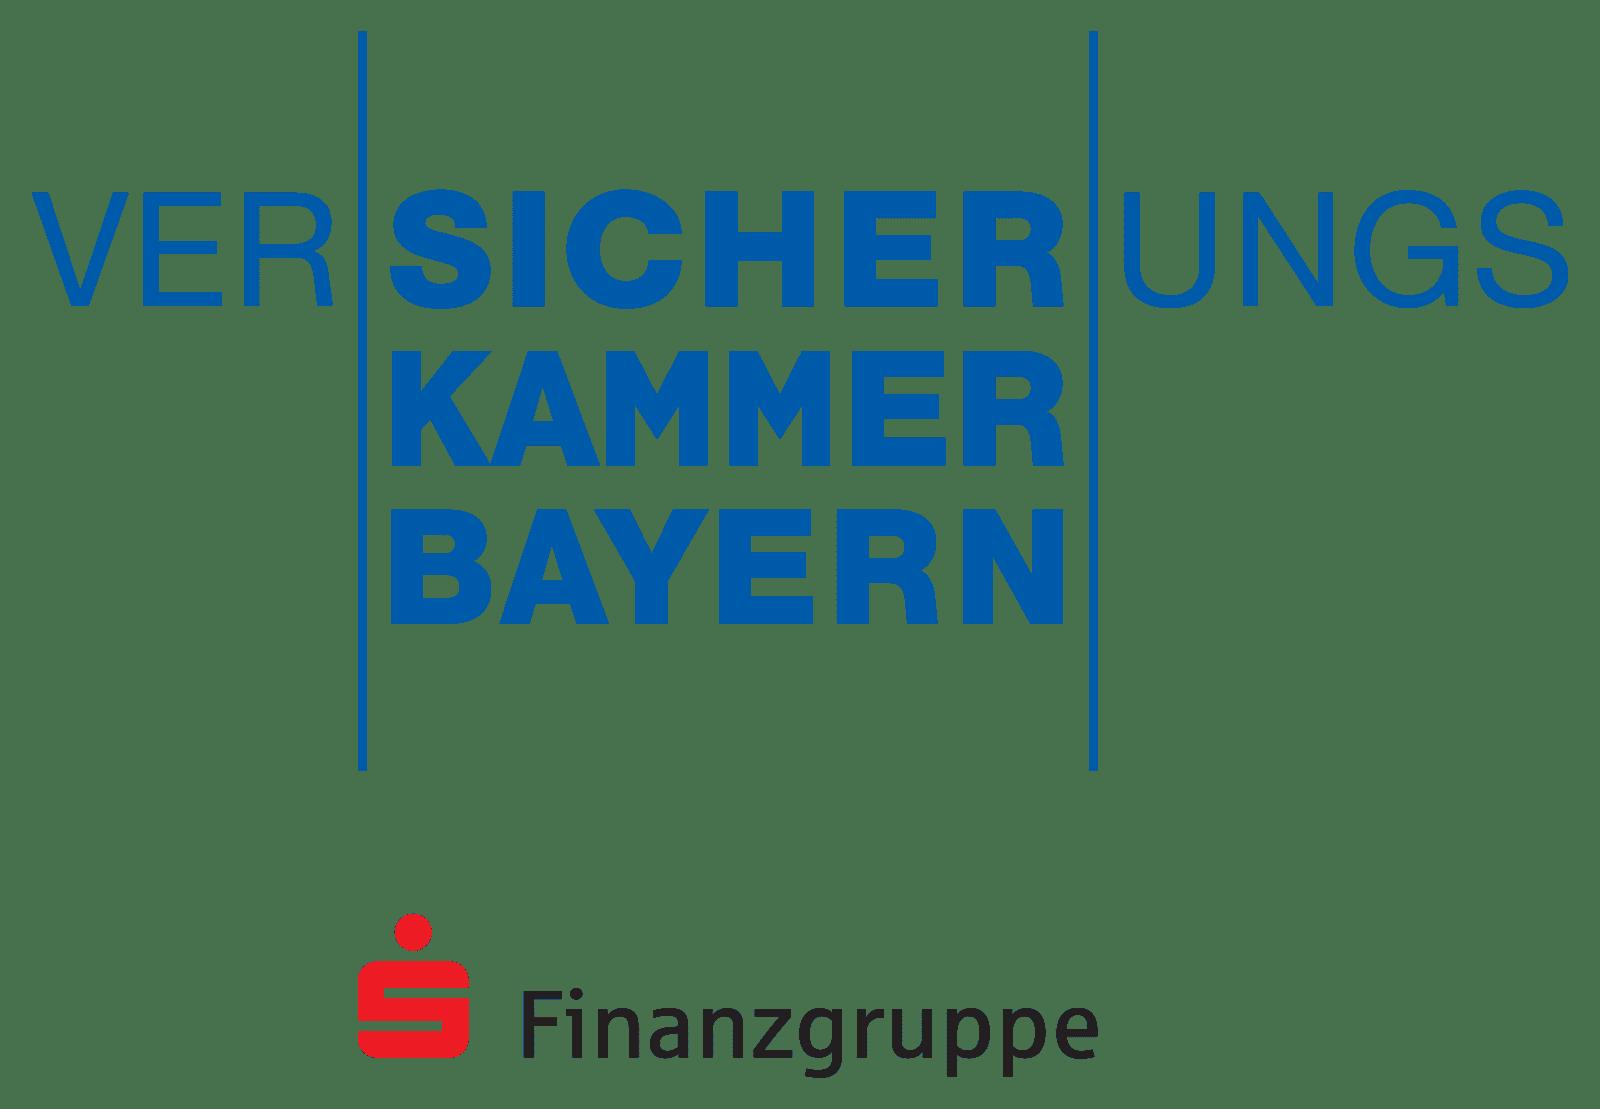 Versicherungskammer_Bayern